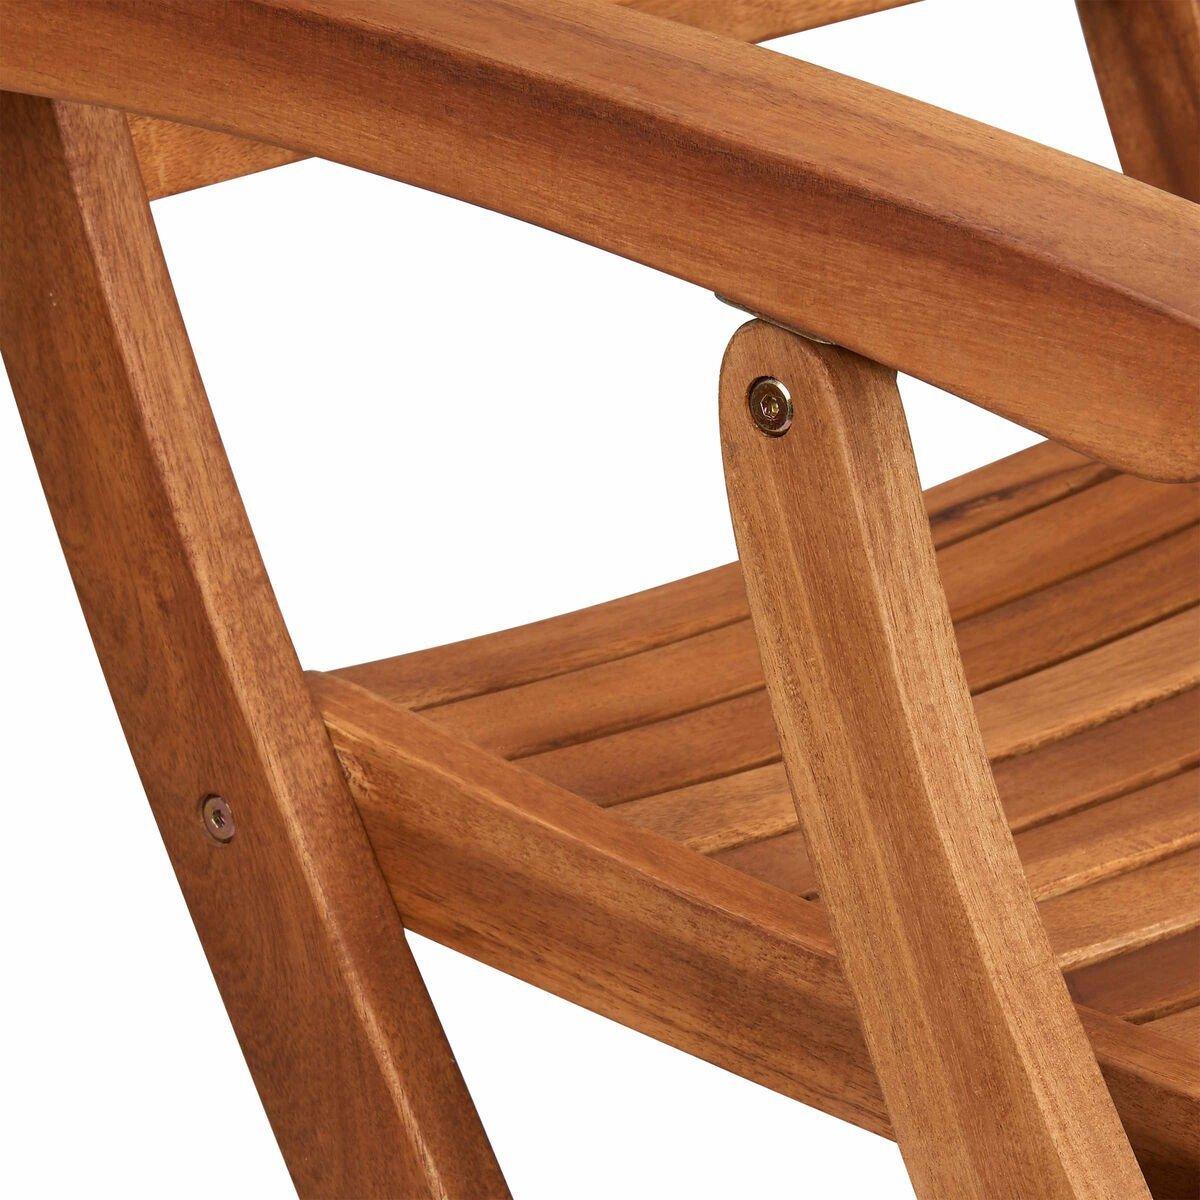 Bild 11 von SOMERSET Stuhl mit Armlehne